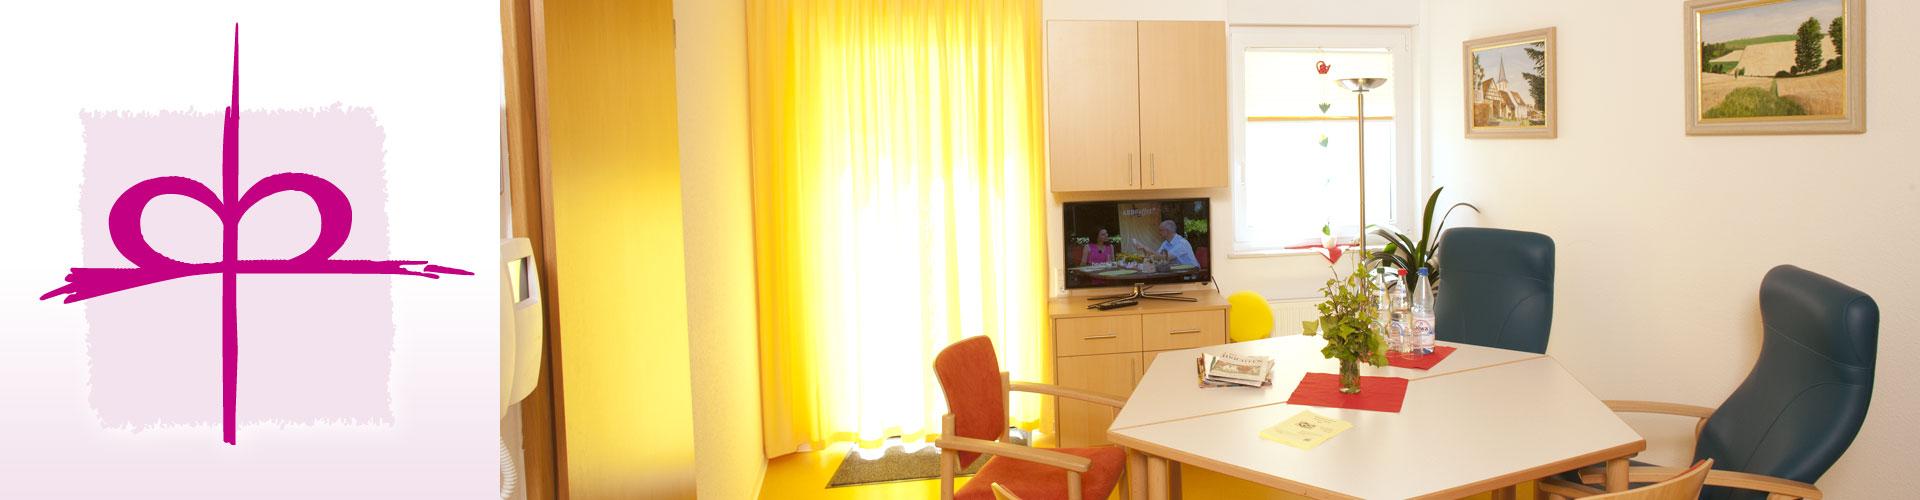 betreutes servicewohnen kumenische diakoniestation pfinztal. Black Bedroom Furniture Sets. Home Design Ideas